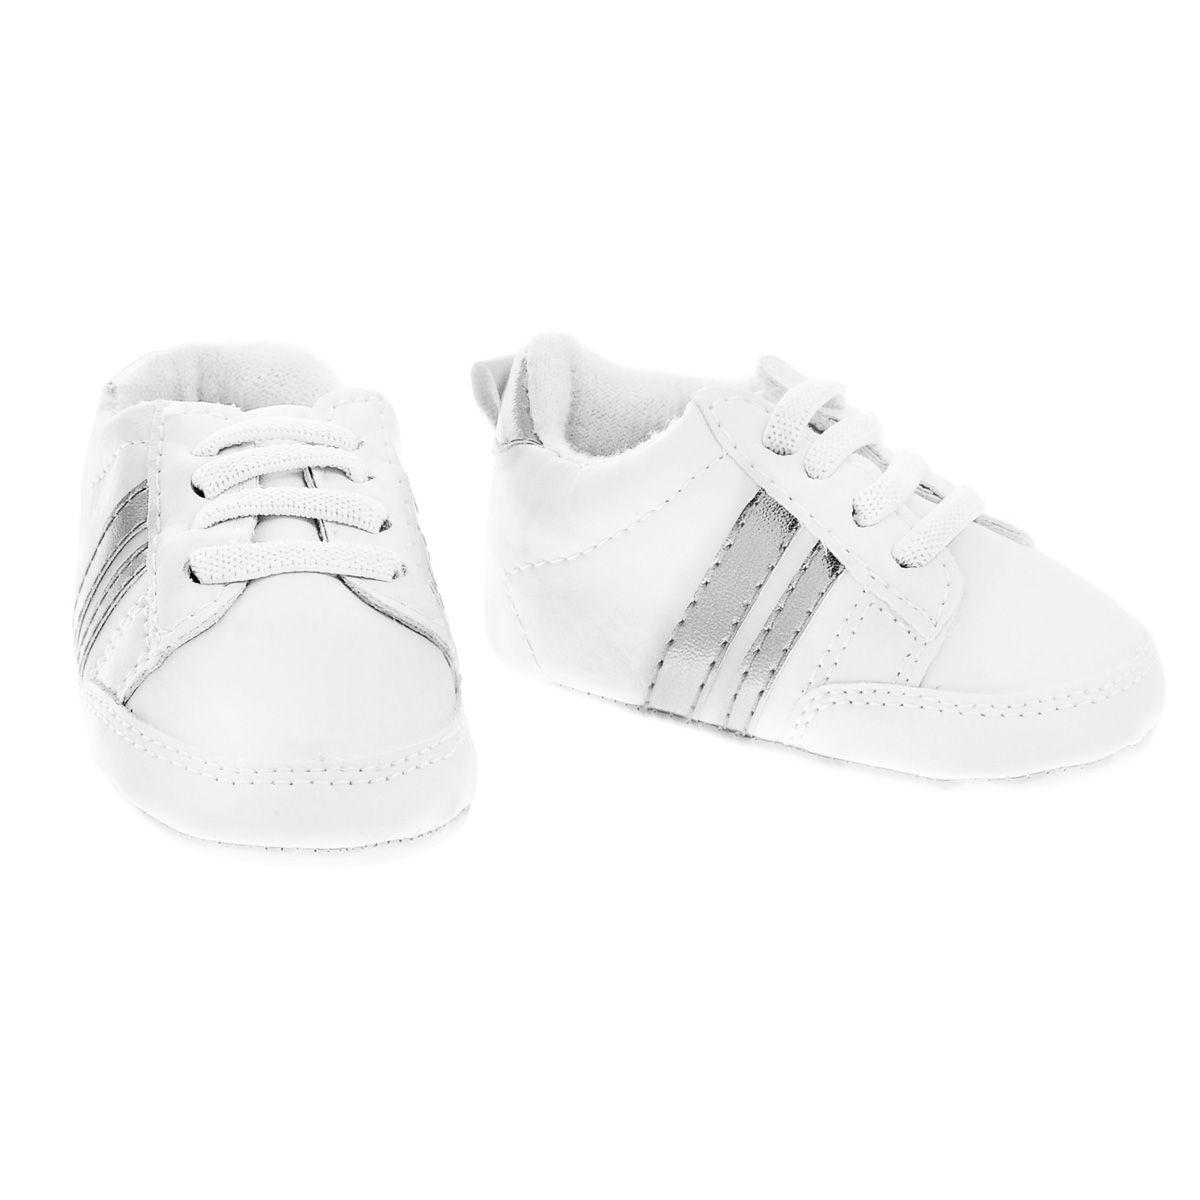 Пинетки кроссовки с полосками серебристый Luvable Friends 11182